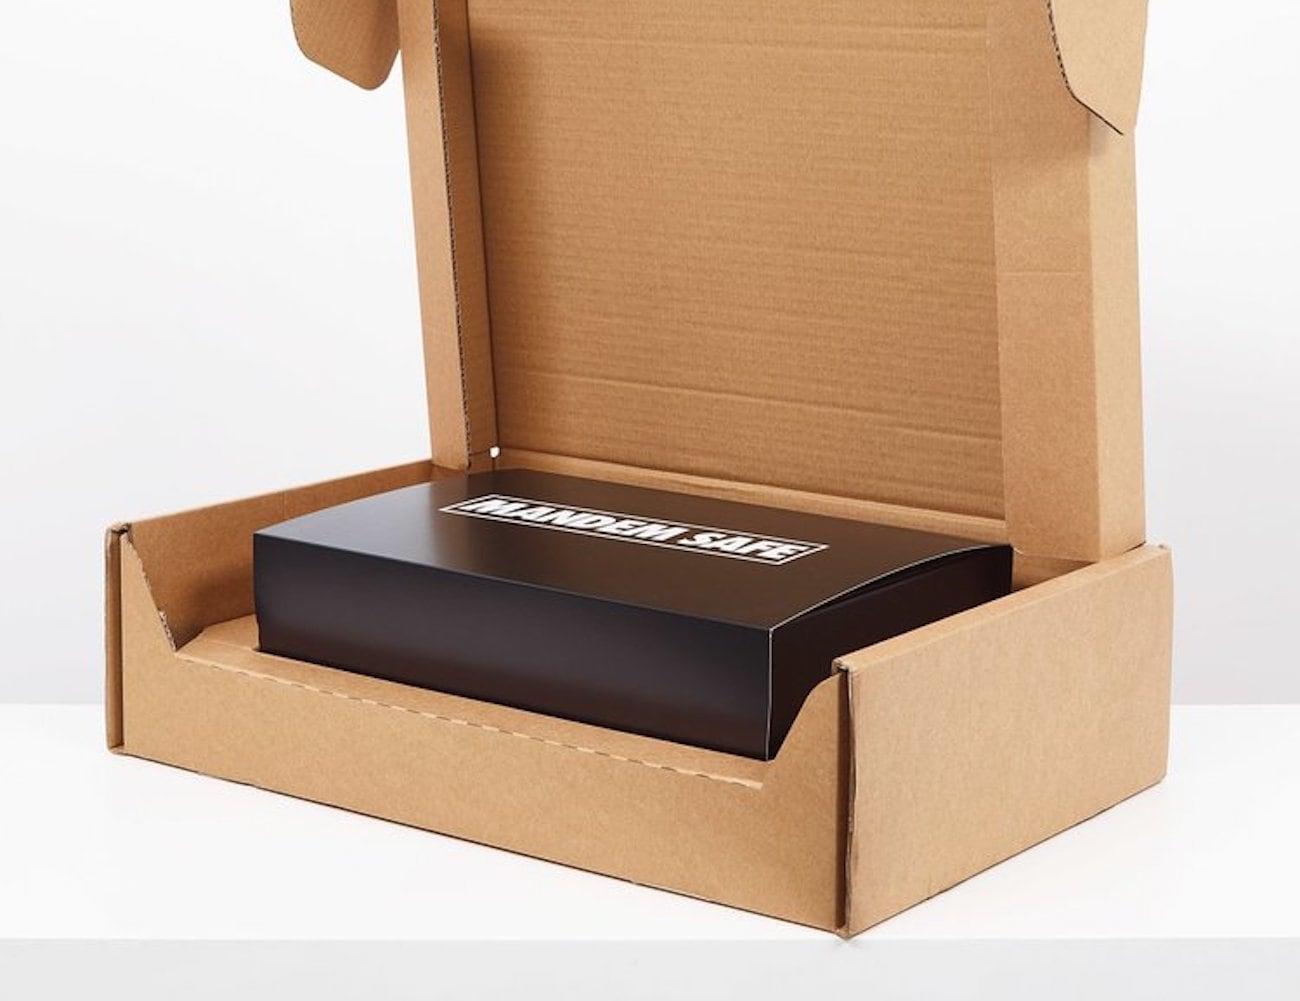 Mandem Safe LX Durable Personal Safe